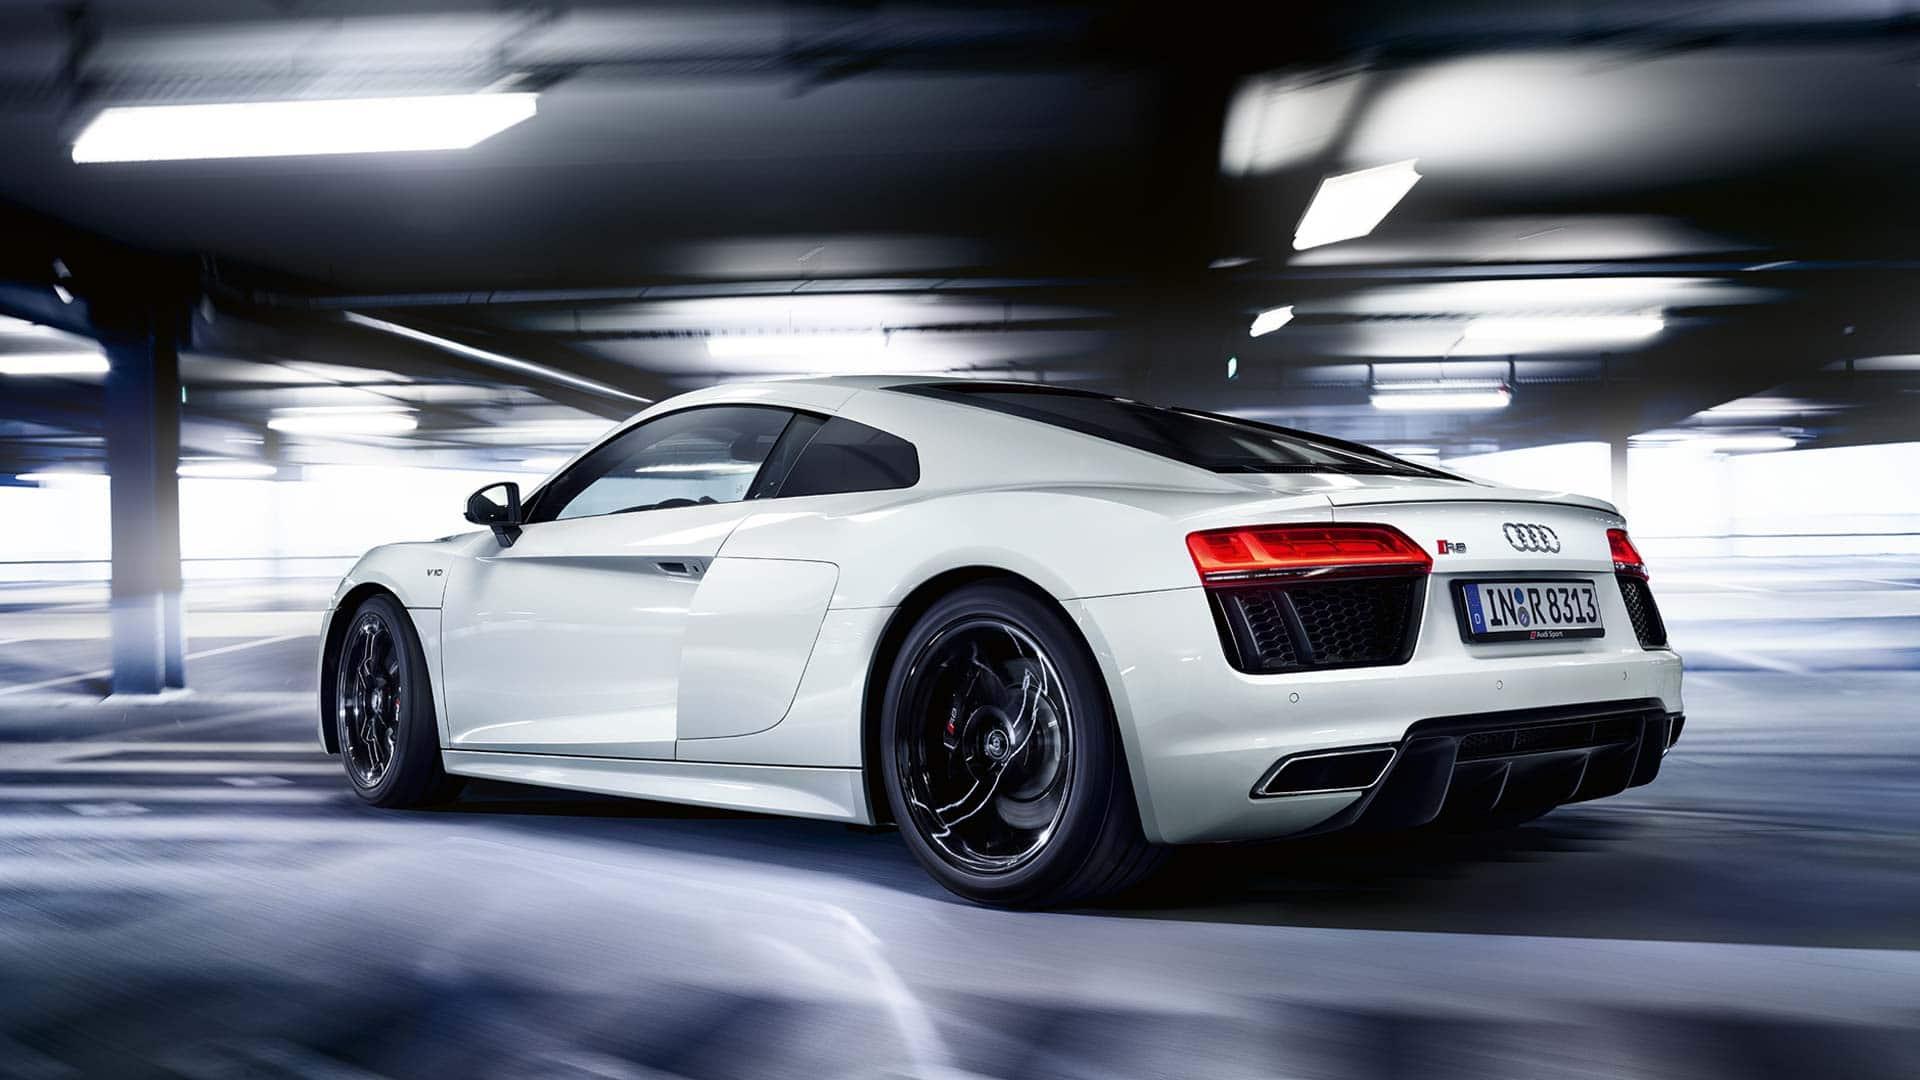 Audi R8 V10 Spyder 525hp  DRIVE amp SOUND 60FPS